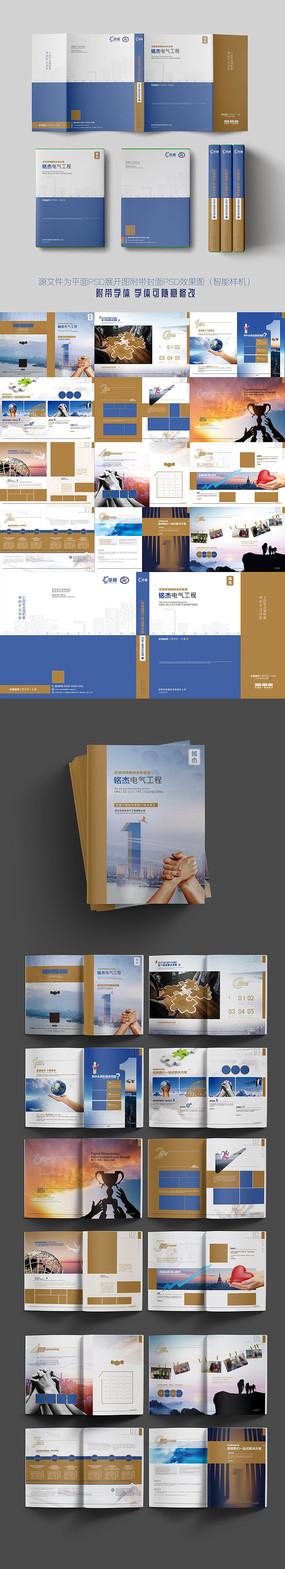 大气集团宣传册设计模板